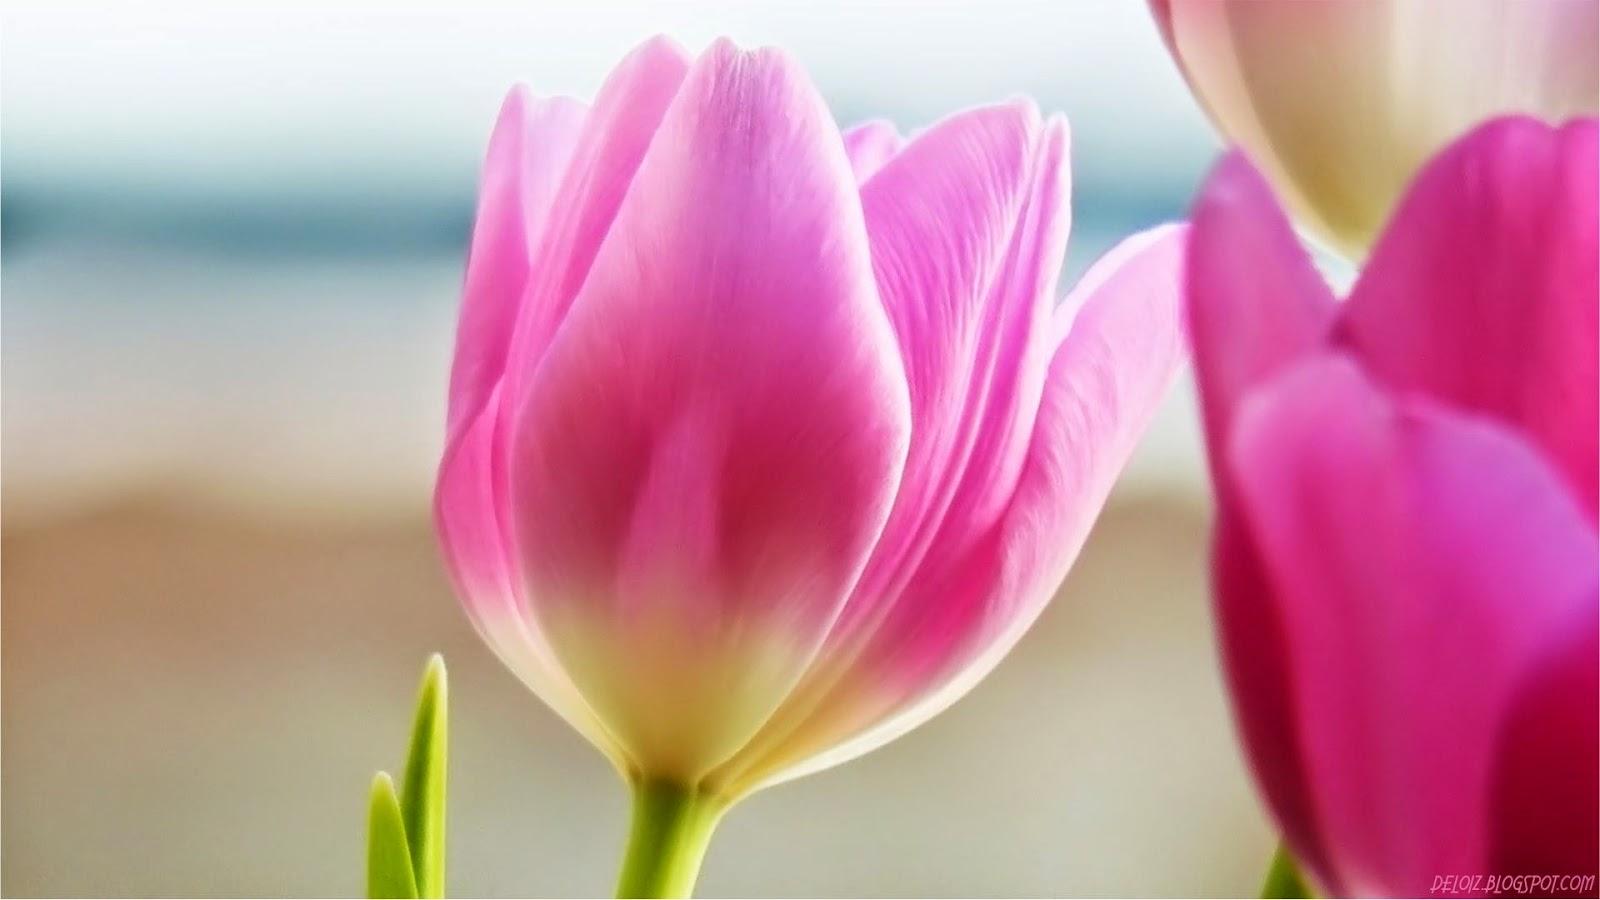 Wallpaper Bunga Tulip Pink Hd